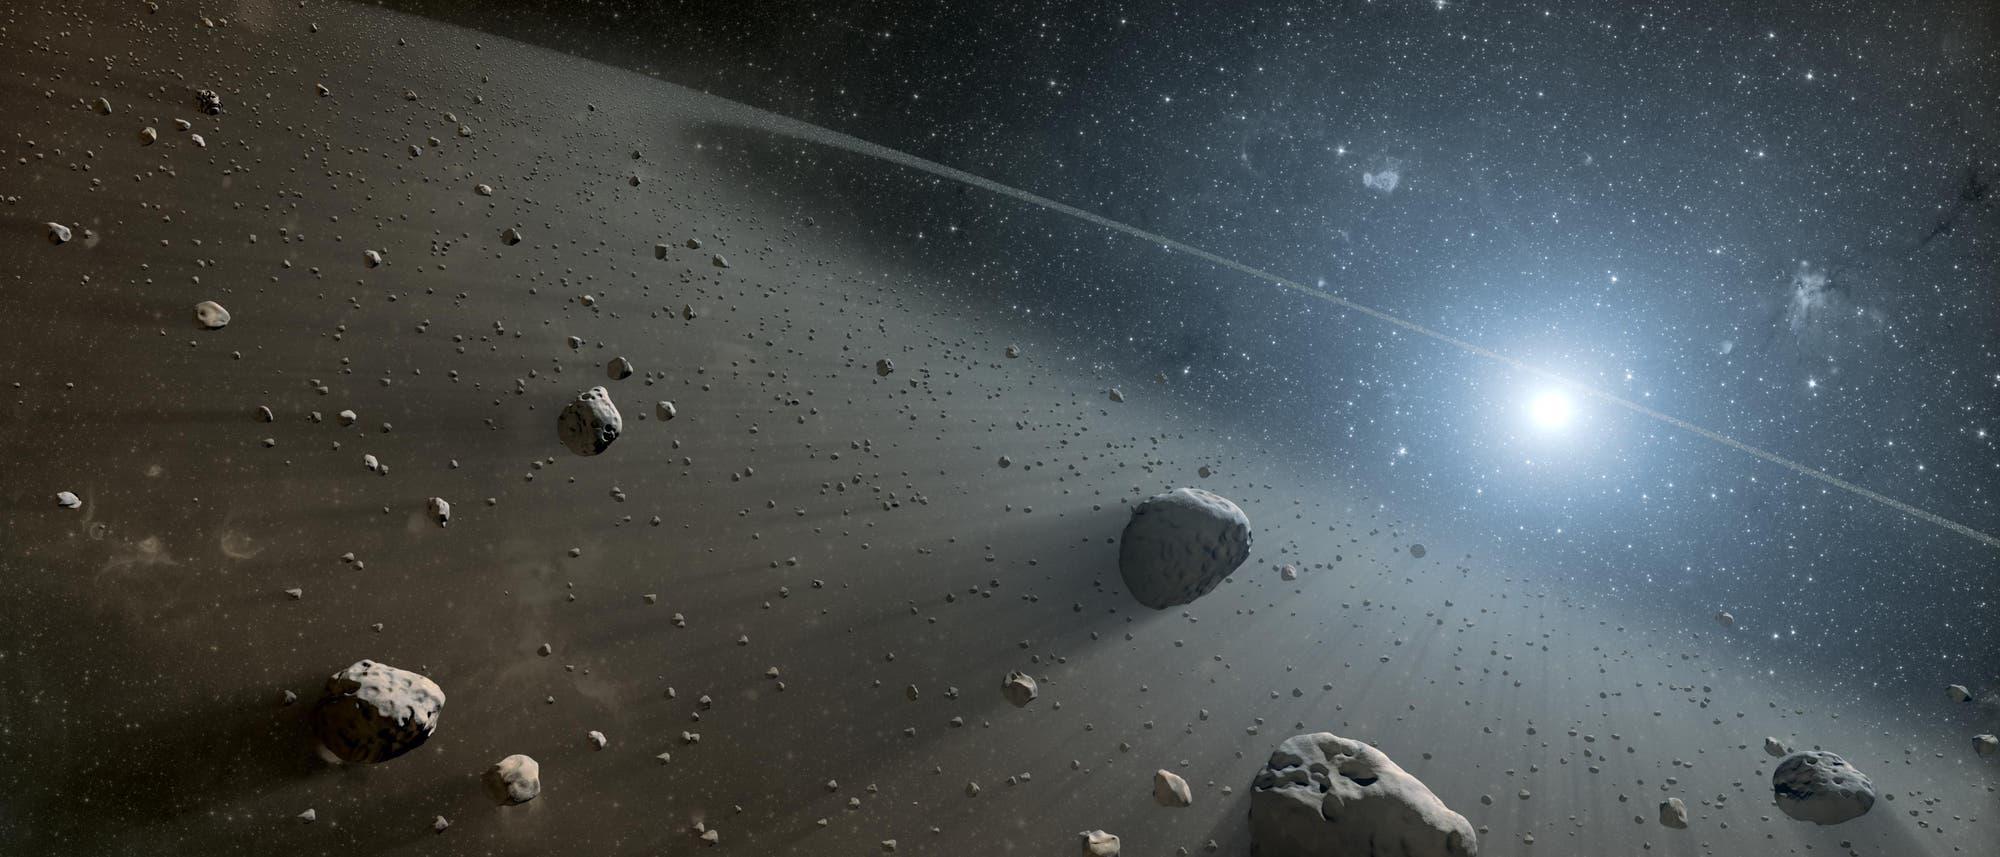 Künstlerische Darstellung eines Asteroidengürtels